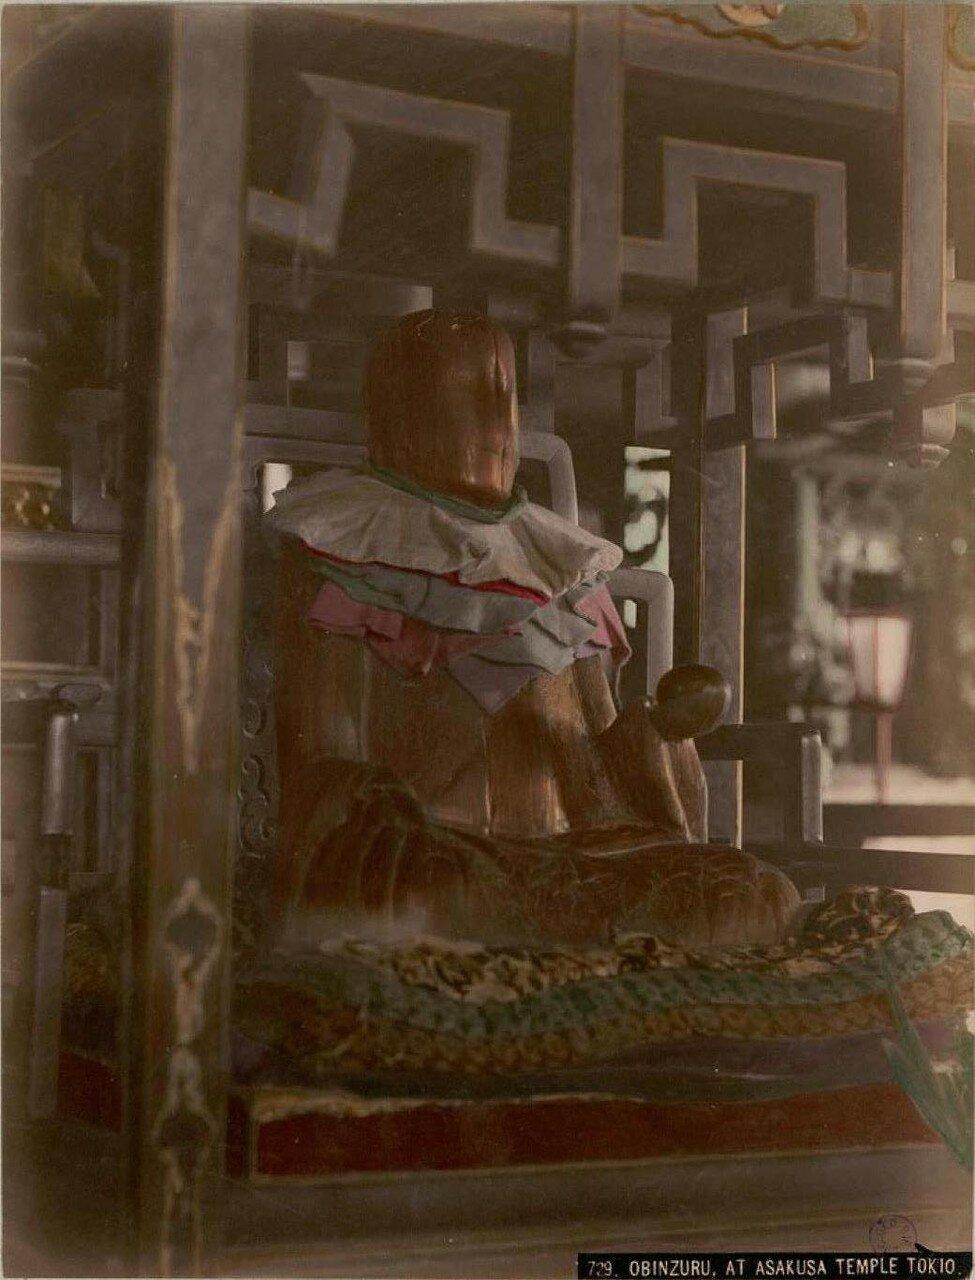 Токио. Квартал Асакуса. Обинзуру. Внутри храма Сэнсо-дзи